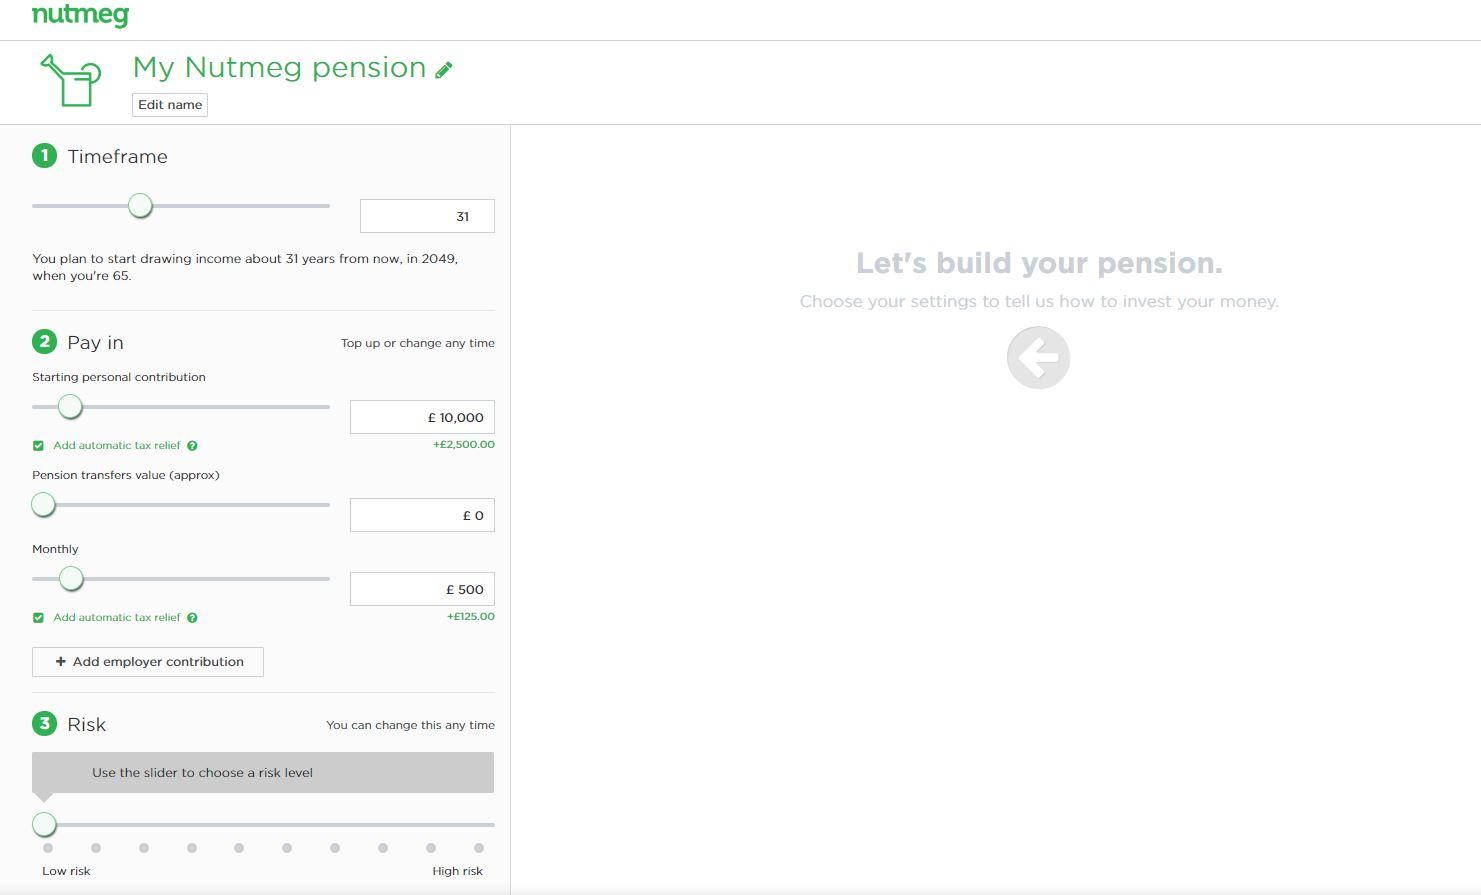 nutmeg pension step 2